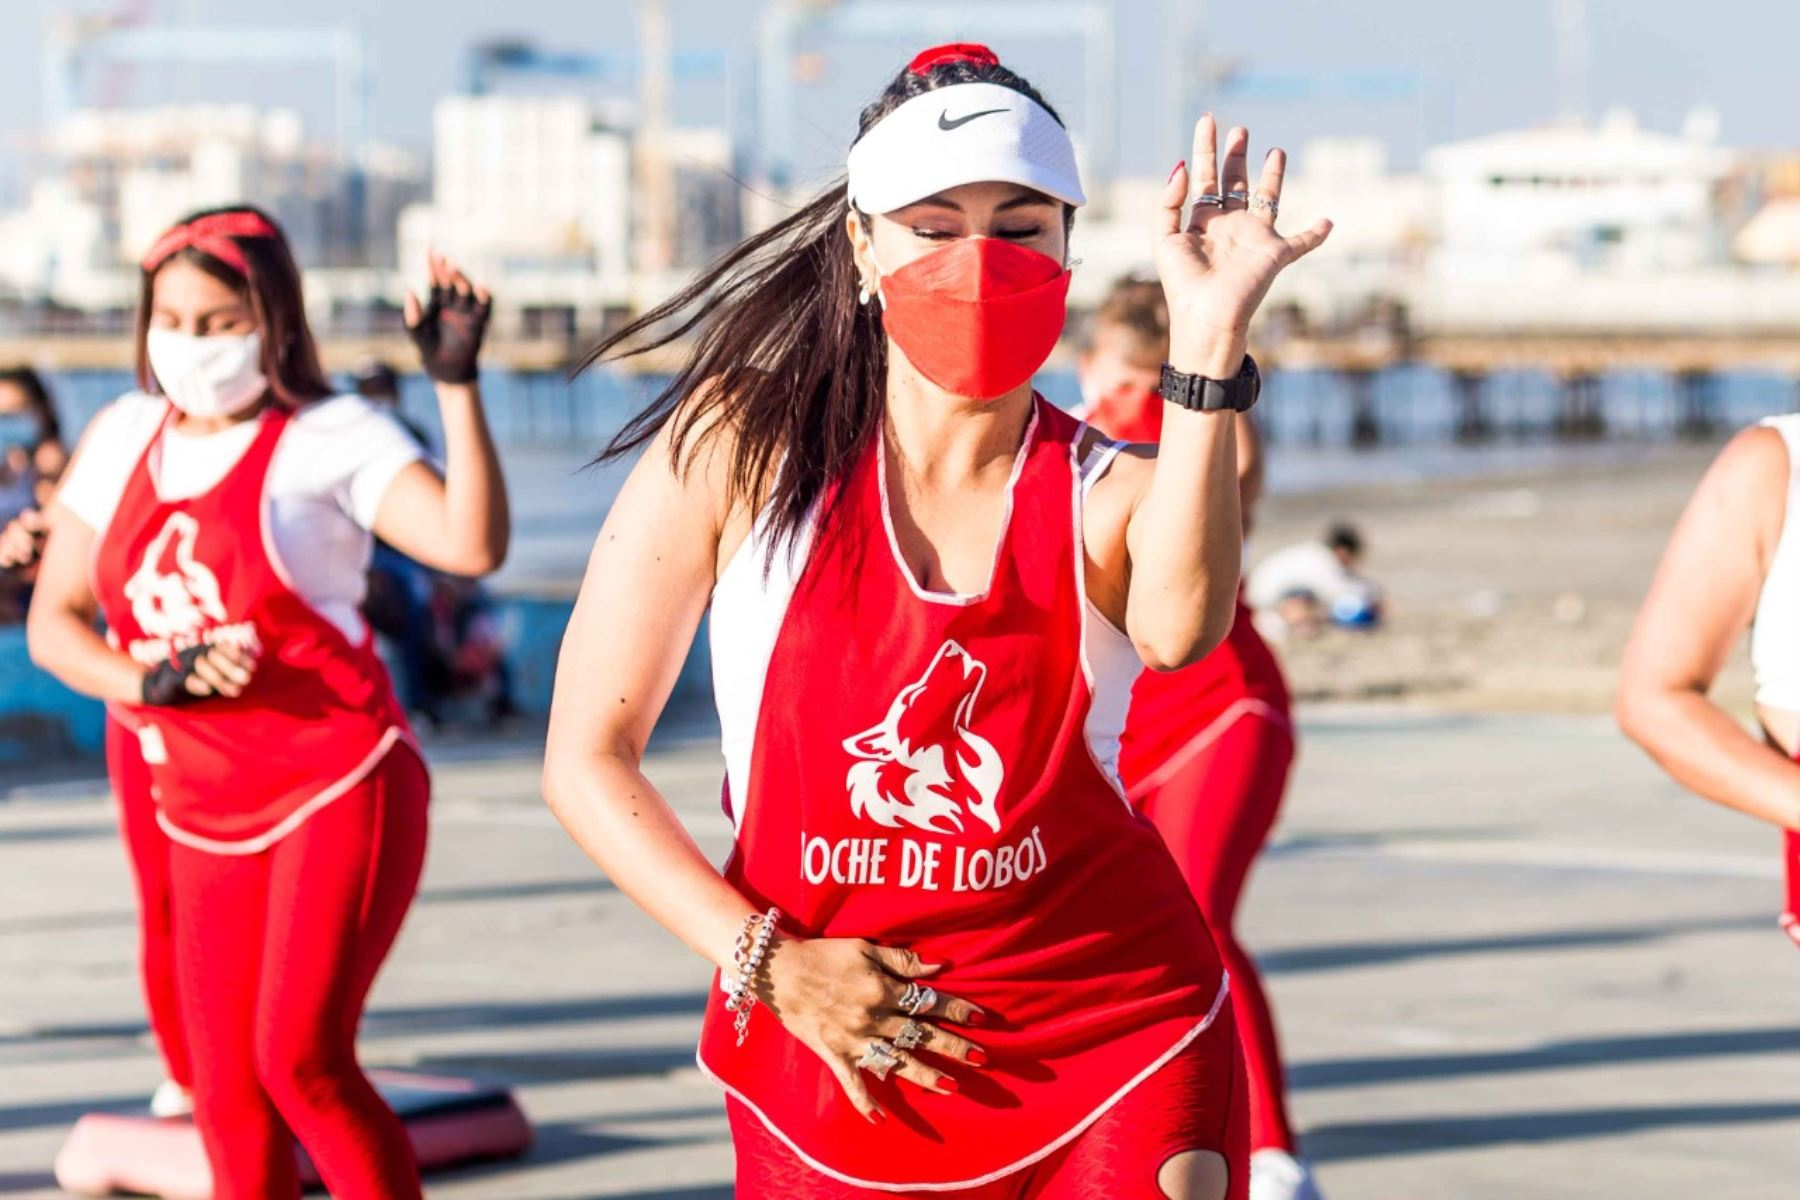 Este viernes 16 la ciudad de Paita, en Piura se moverá al ritmo de un bailetón para celebrar el Bicentenario de la Independencia de Perú. Foto: Tatiana Gutiérrez